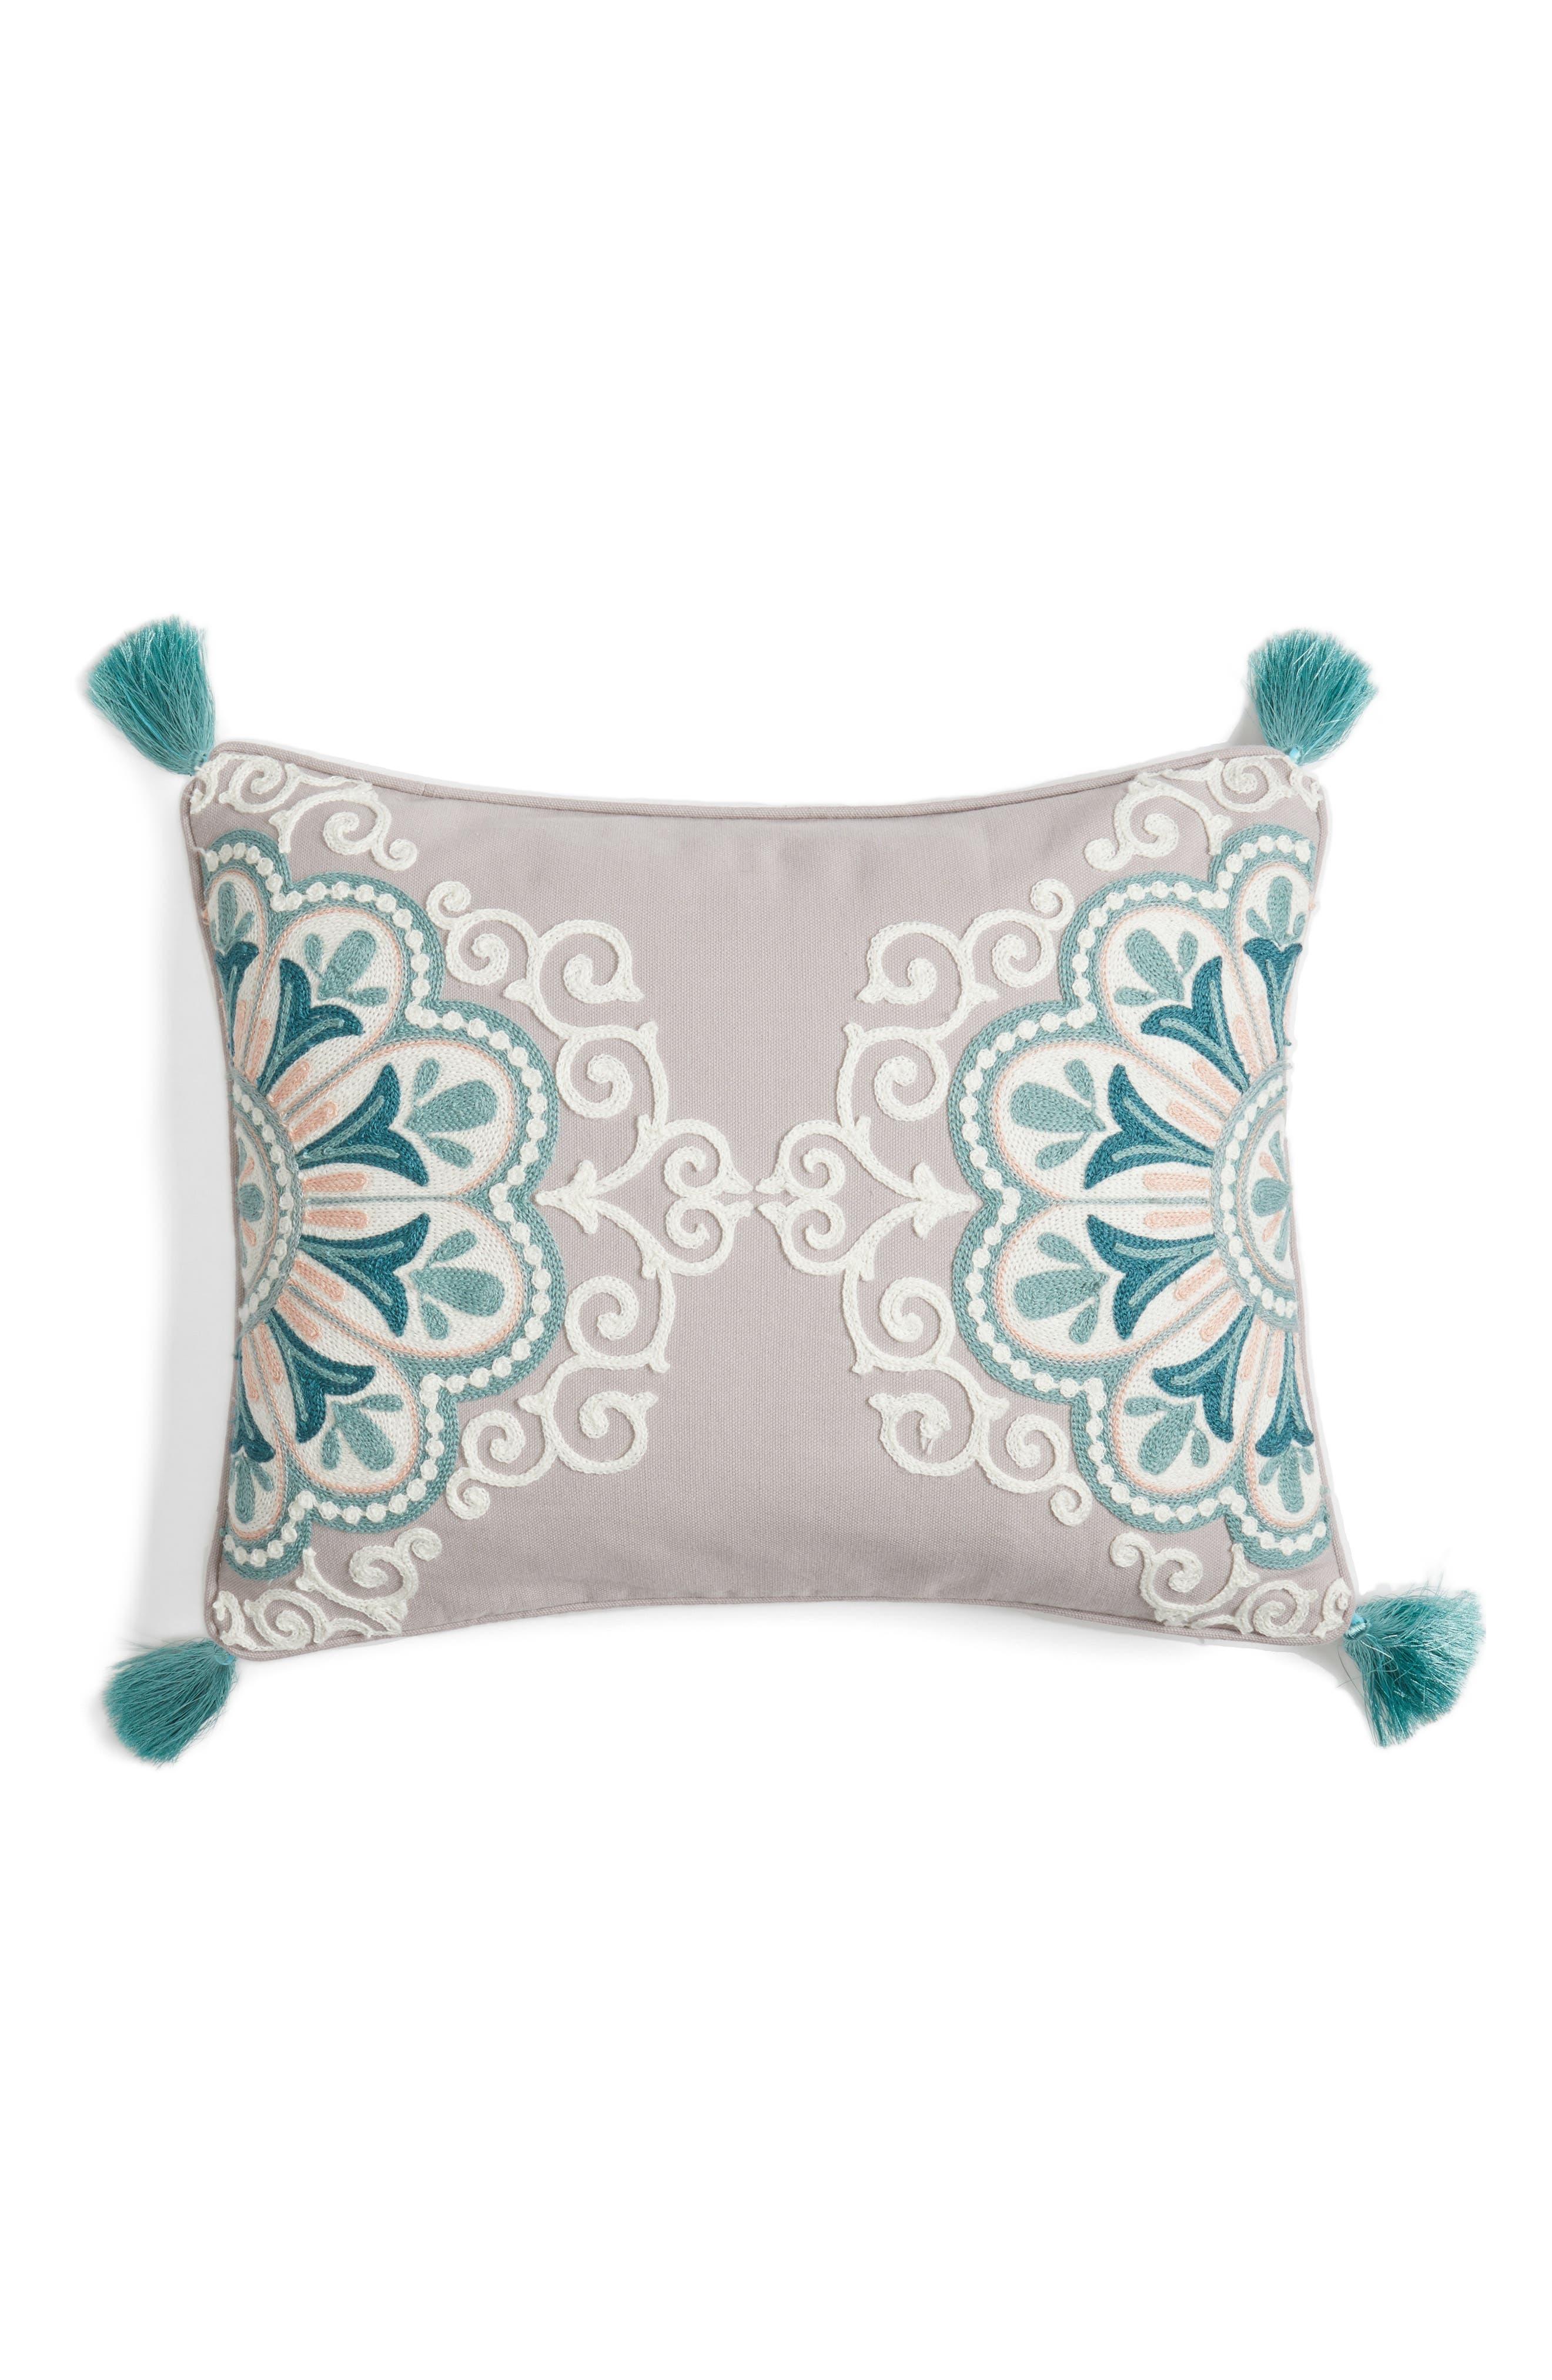 Main Image - Levtex Addie Embroidered Tassel Pillow